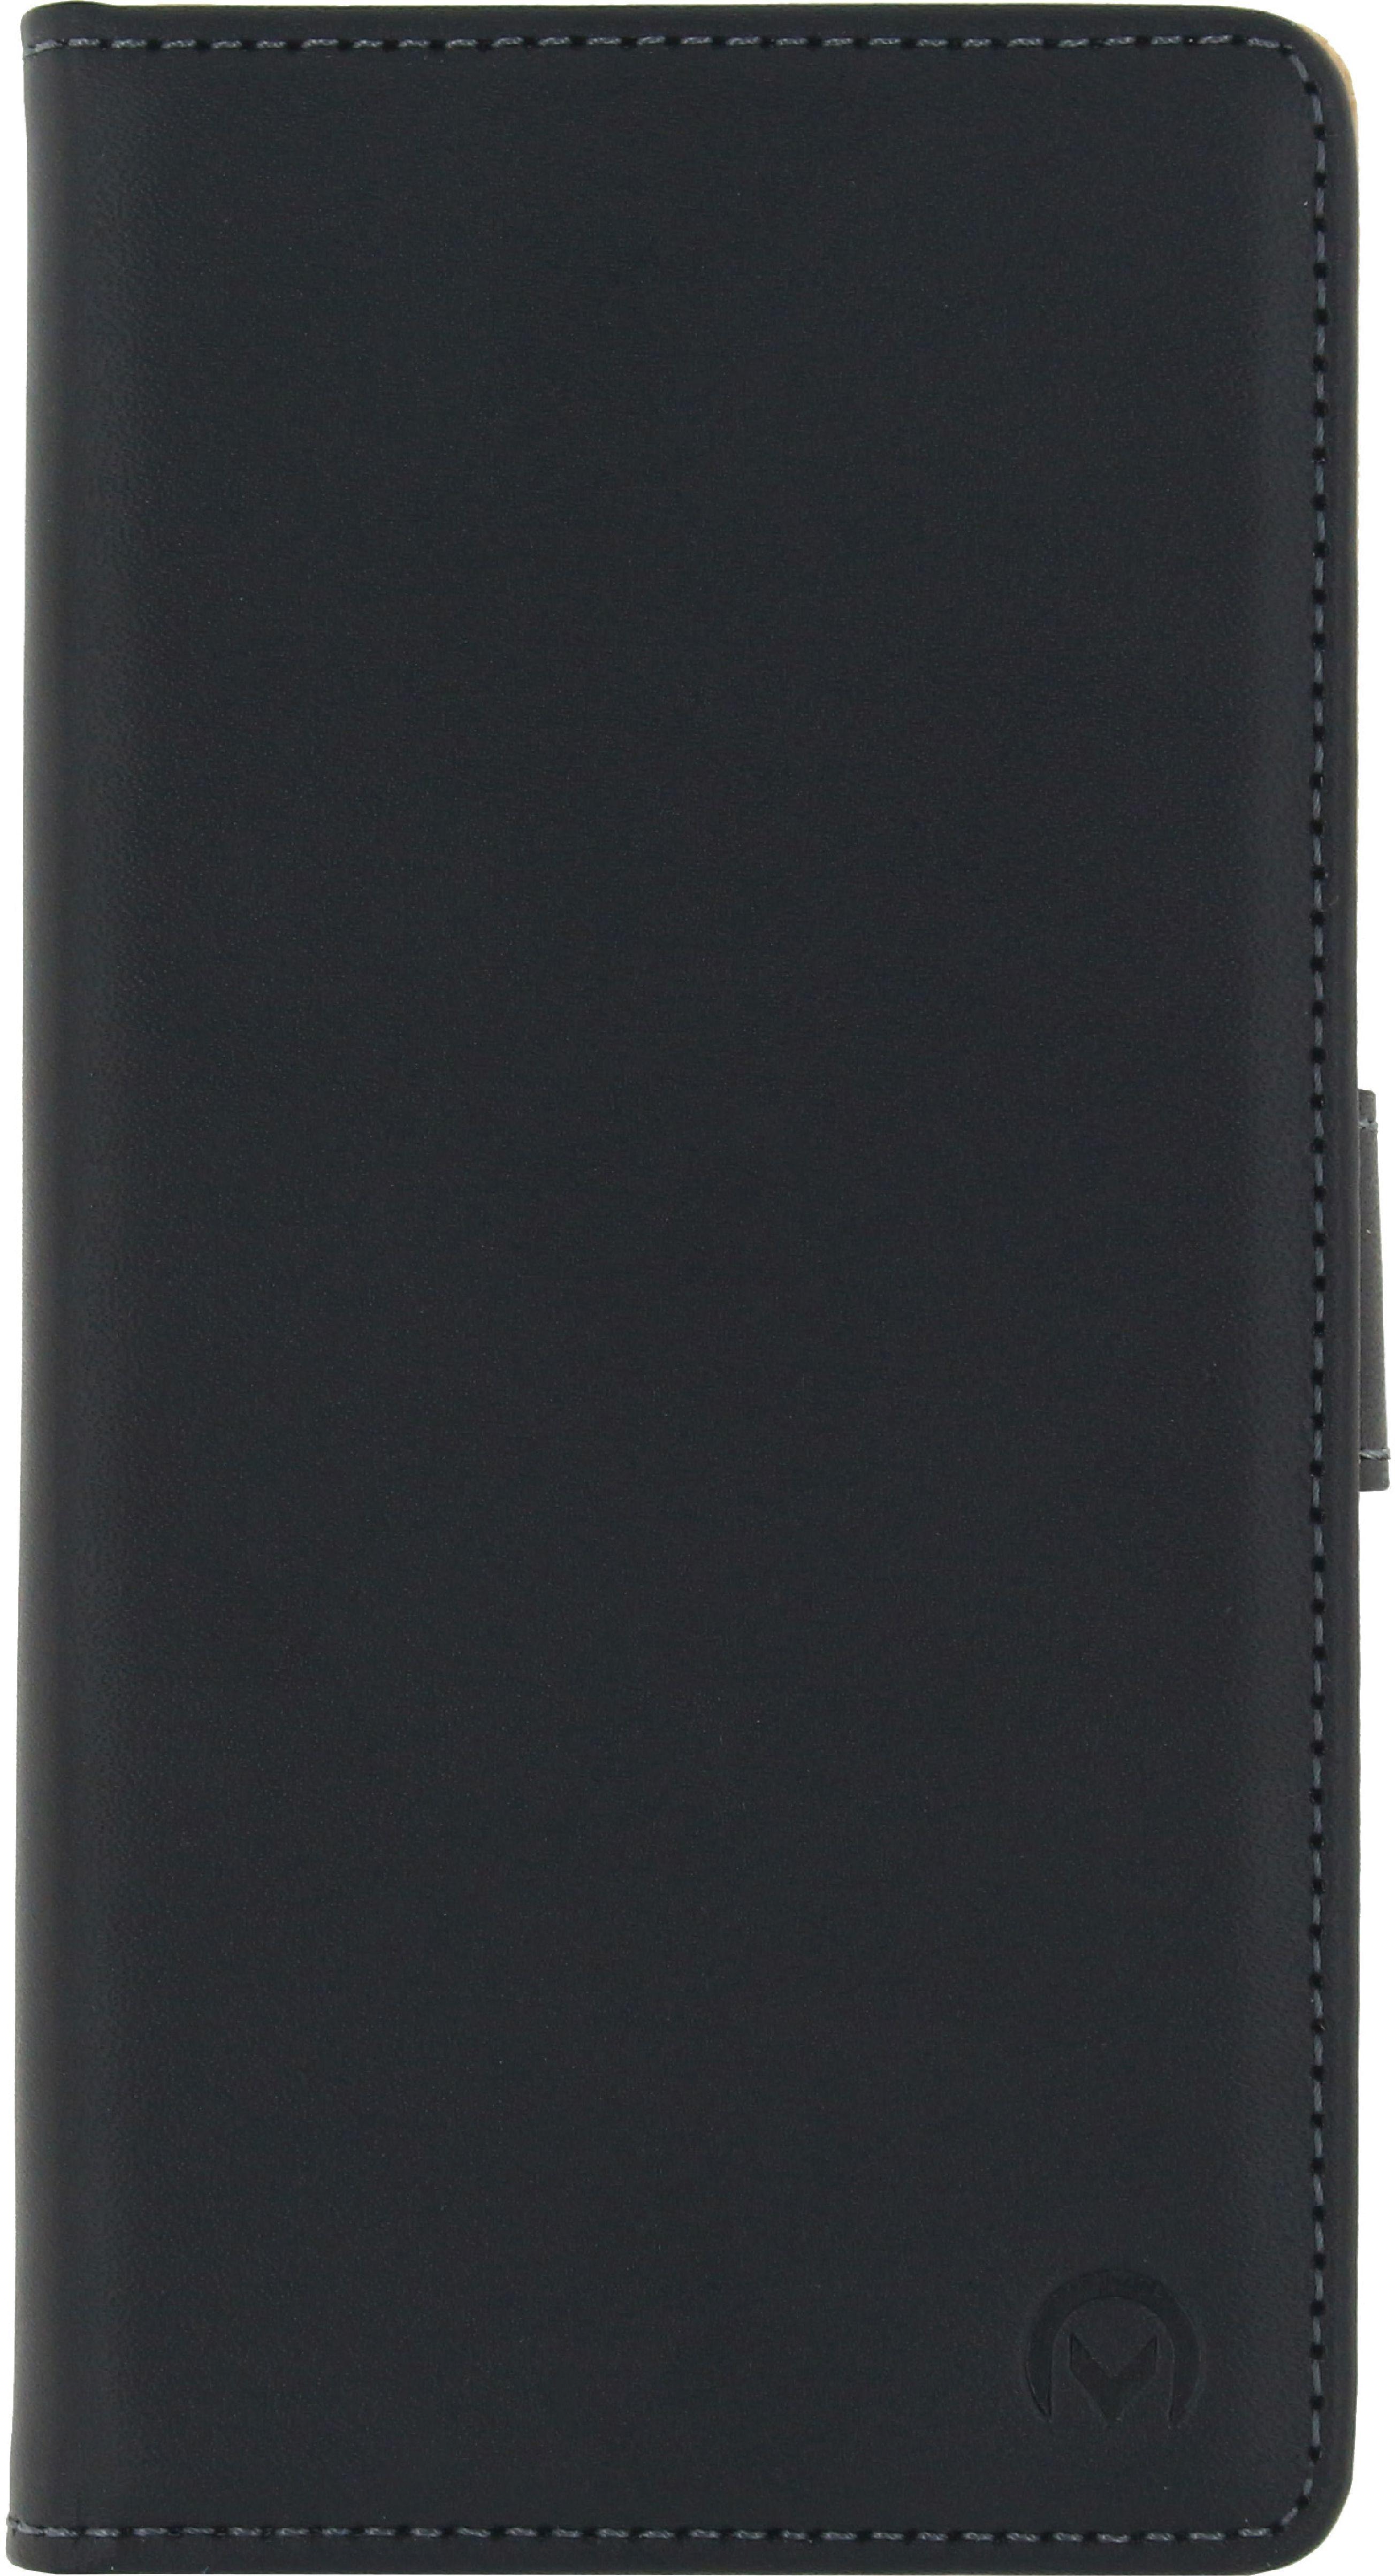 Image of   Telefon Tegnebogsetui OnePlus 5 Sort